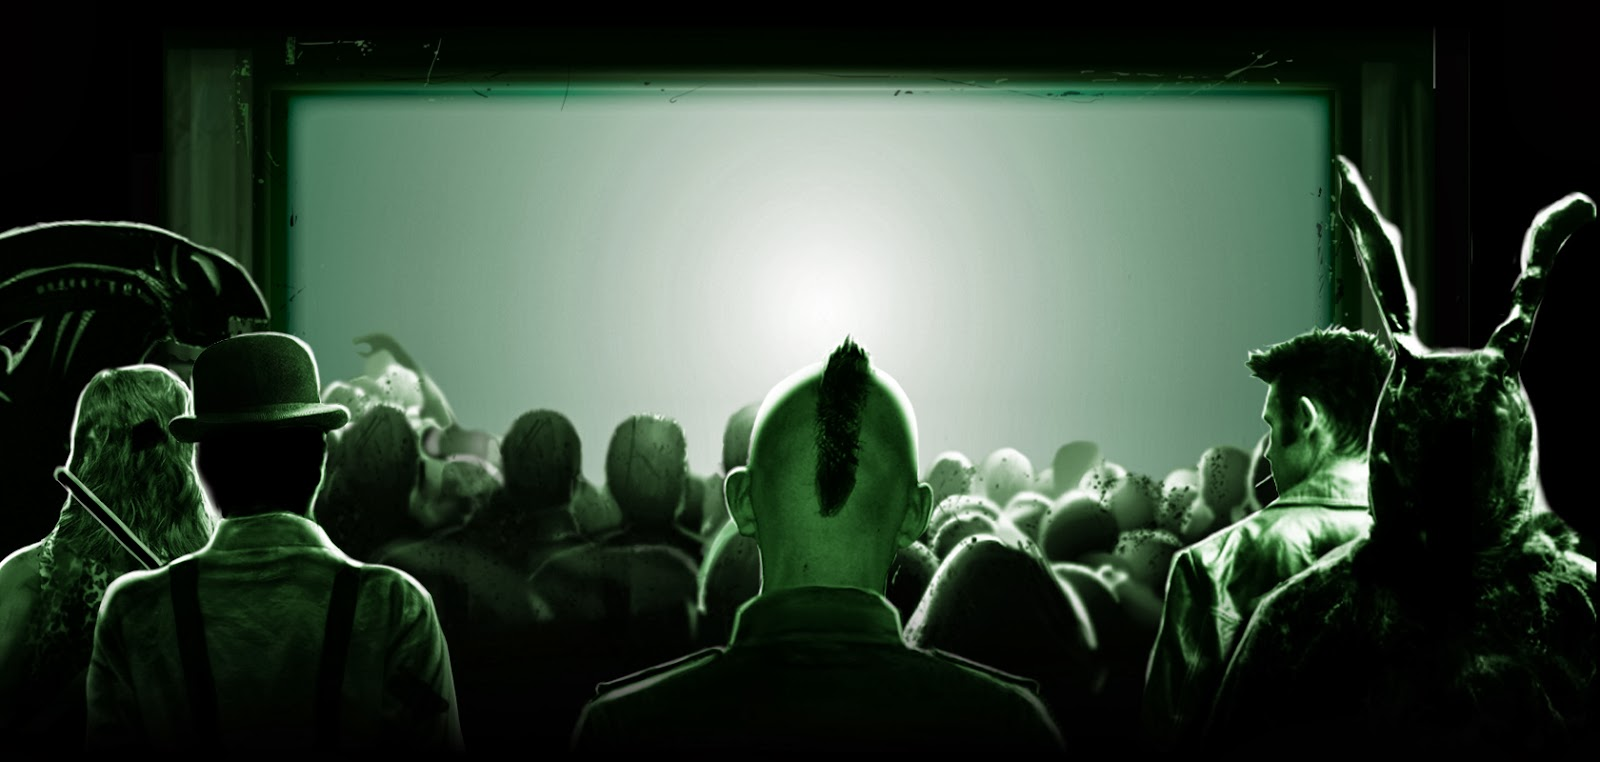 Cinemas do paraso a difcil arte de ver cinema no sc xxi a difcil arte de ver cinema no sc xxi stopboris Image collections